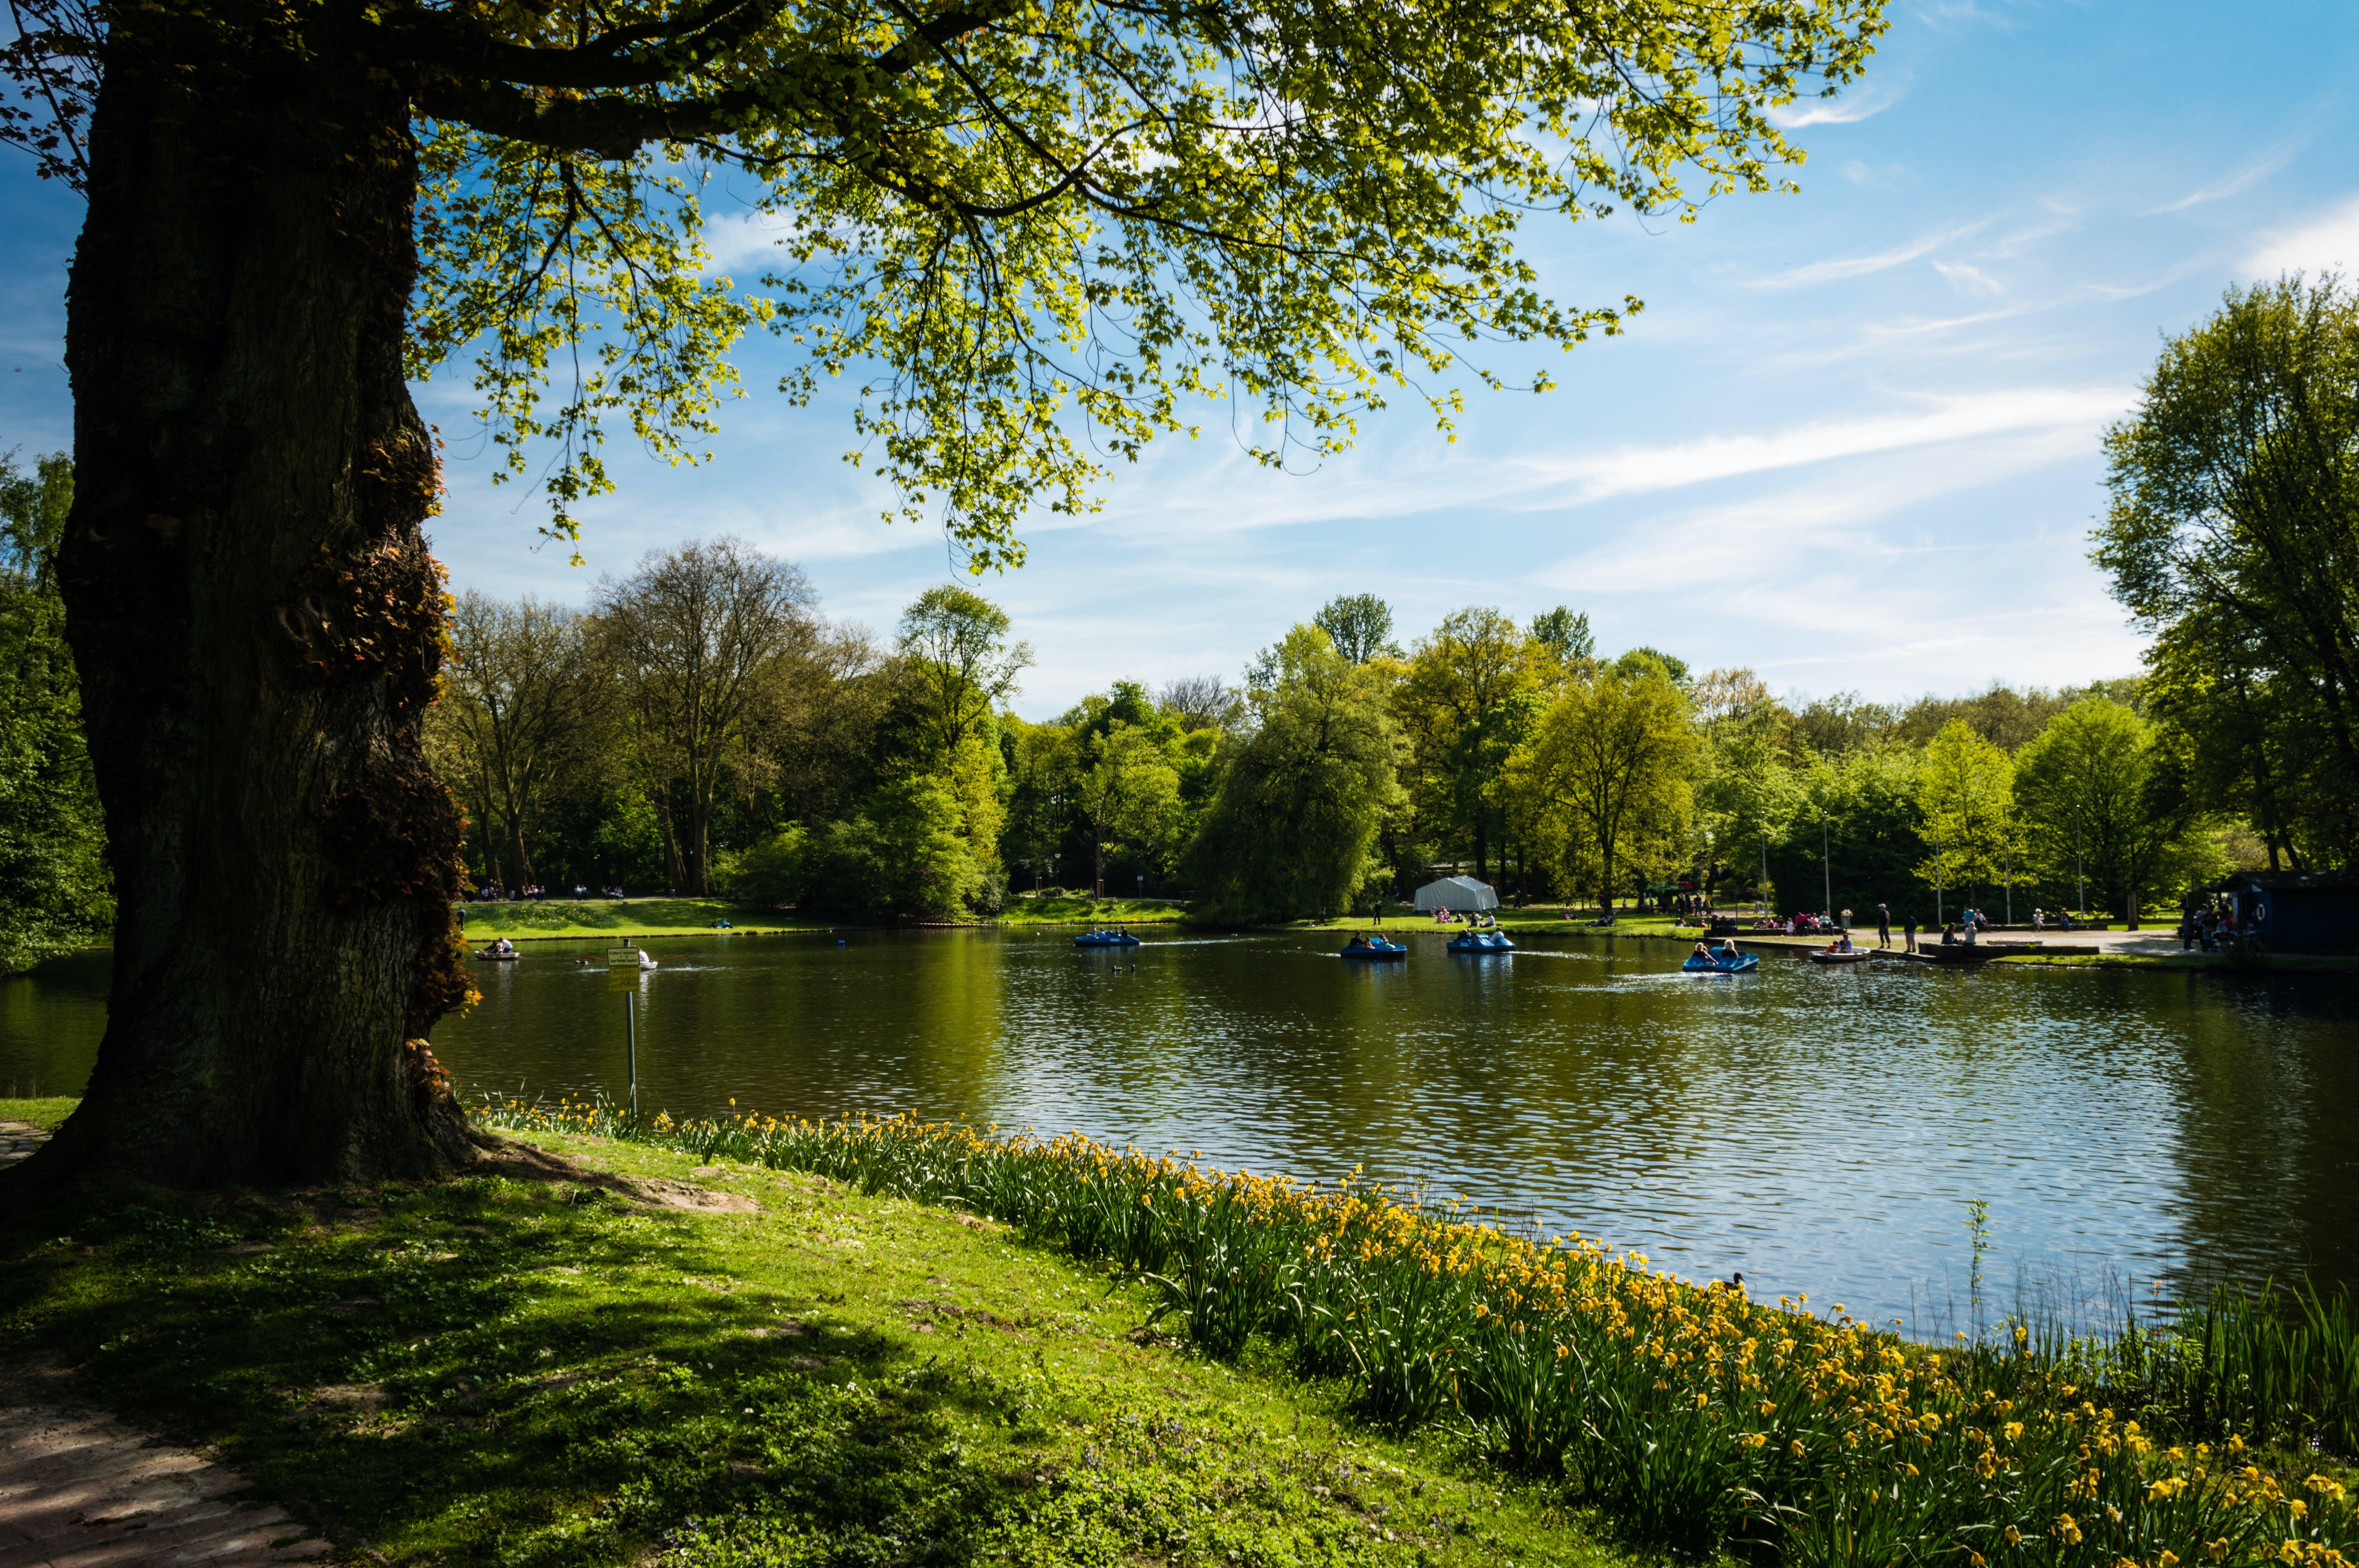 Бесплатное стоковое фото с вода, водный транспорт, деревья, живописный